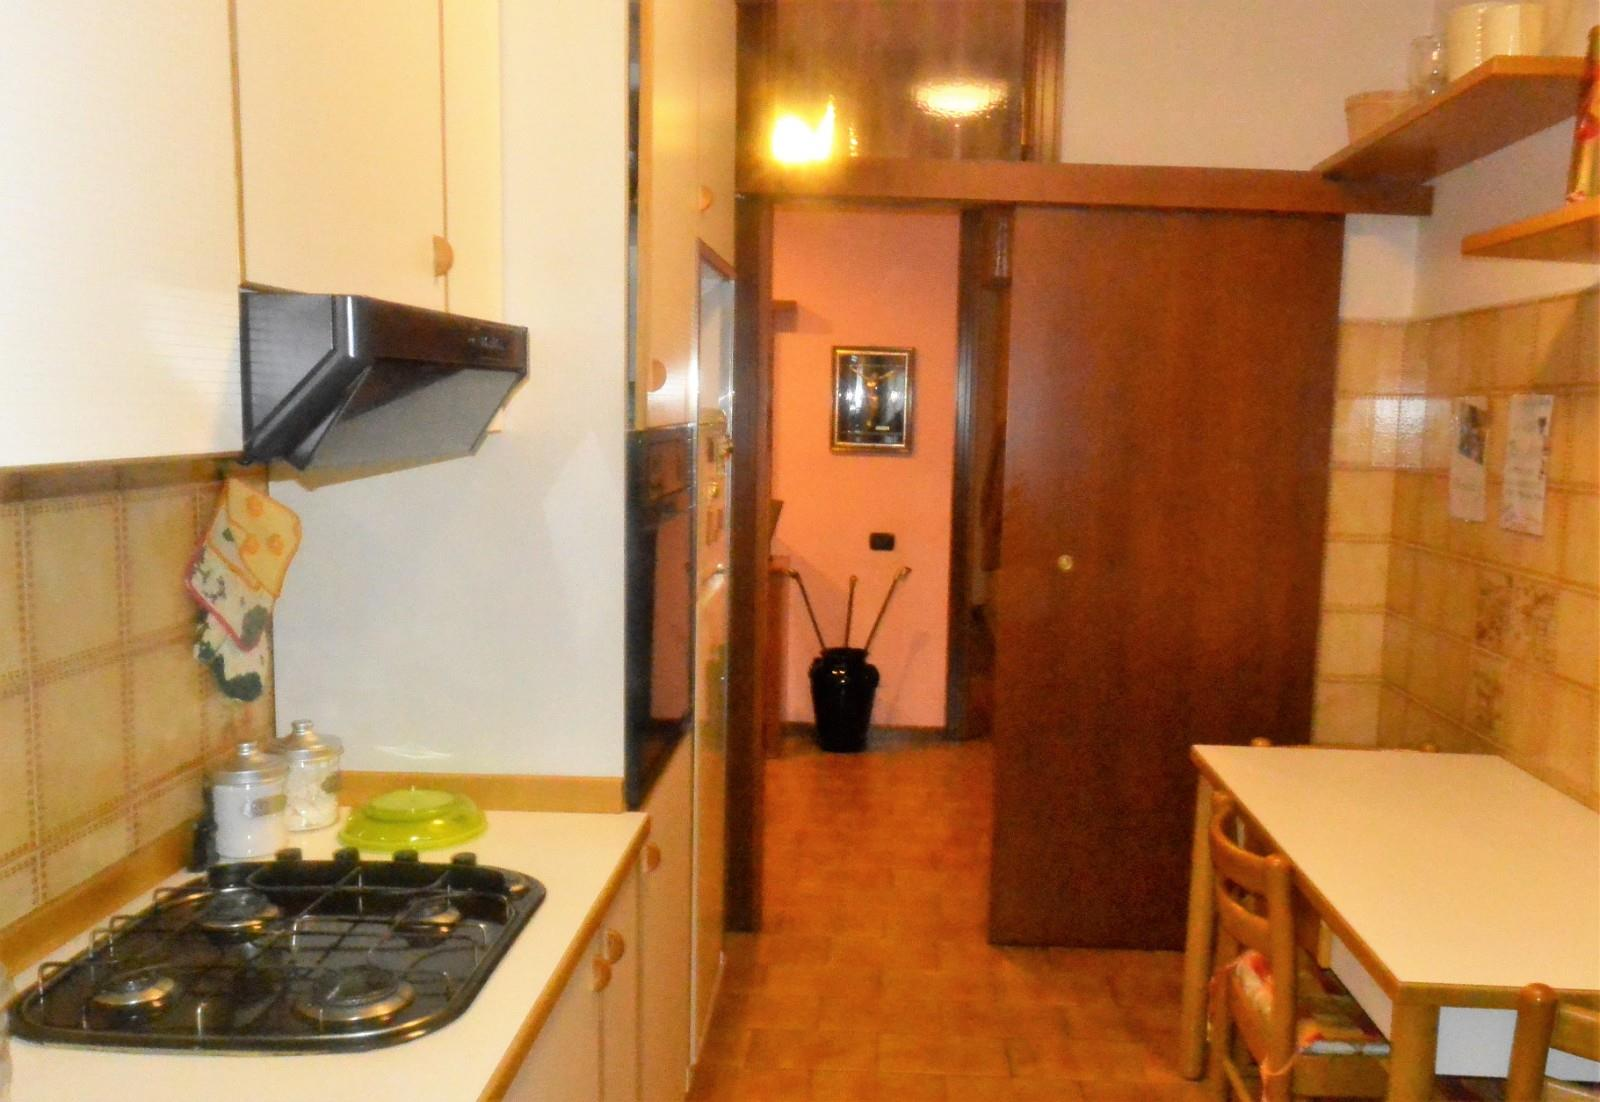 Foto 11 - Appartamento in Vendita - Meda (Monza e Brianza)